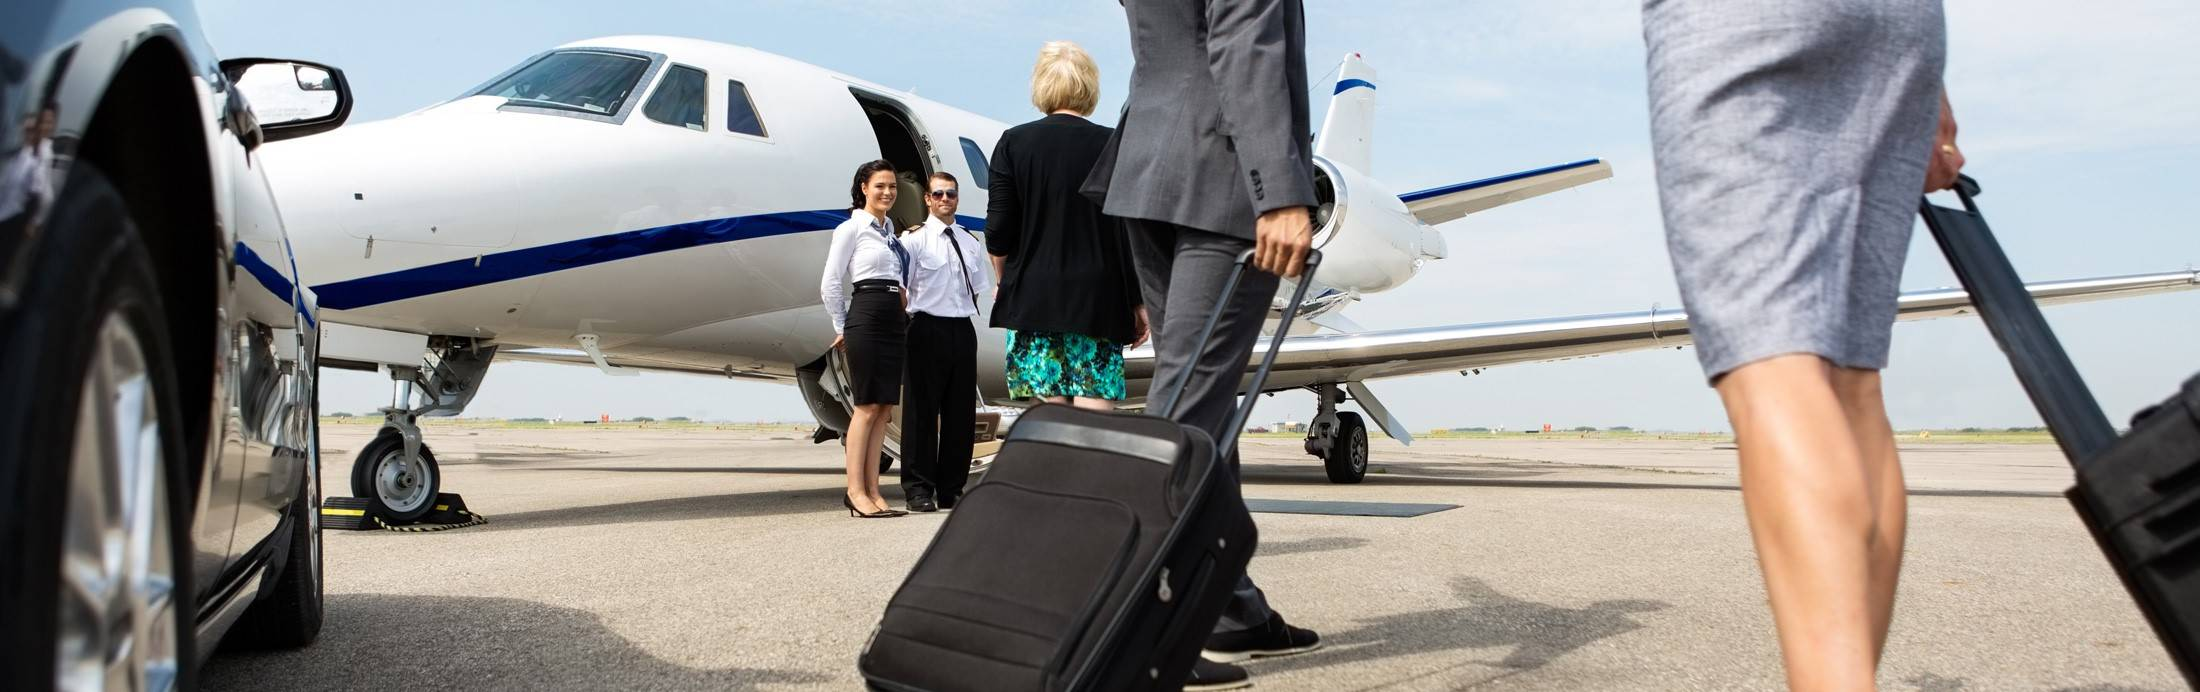 Greeting Passengers before Flight